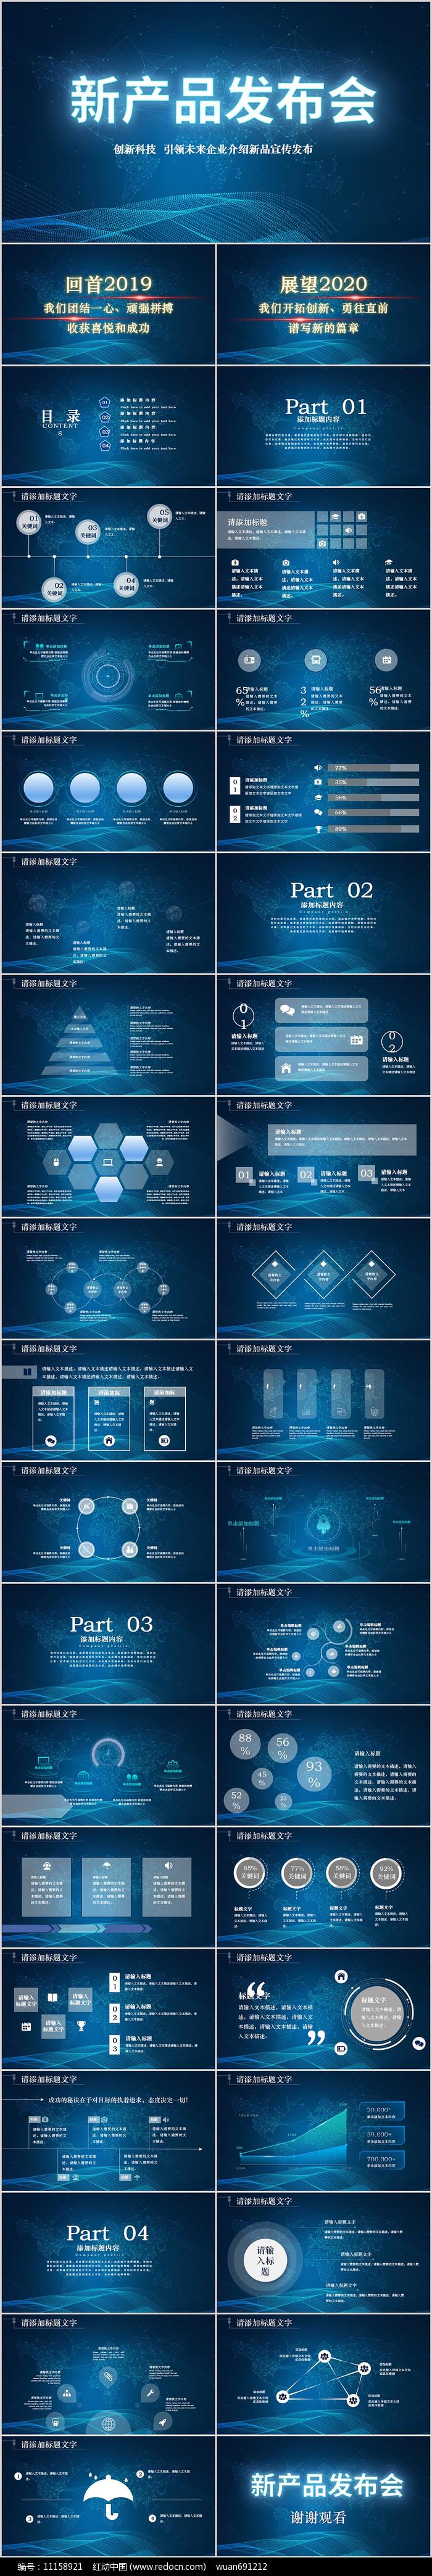 大气科技新产品发布PPT模板图片